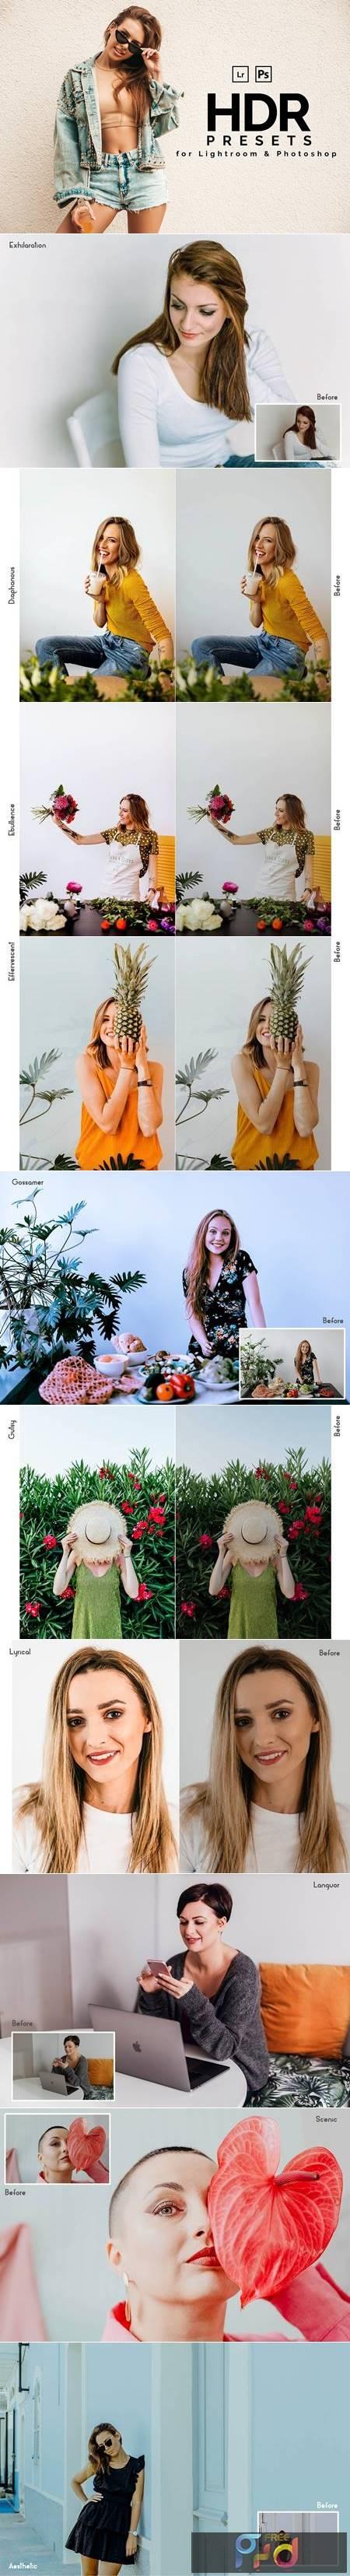 HDR Lightroom & Photoshop Presets 6133811 1